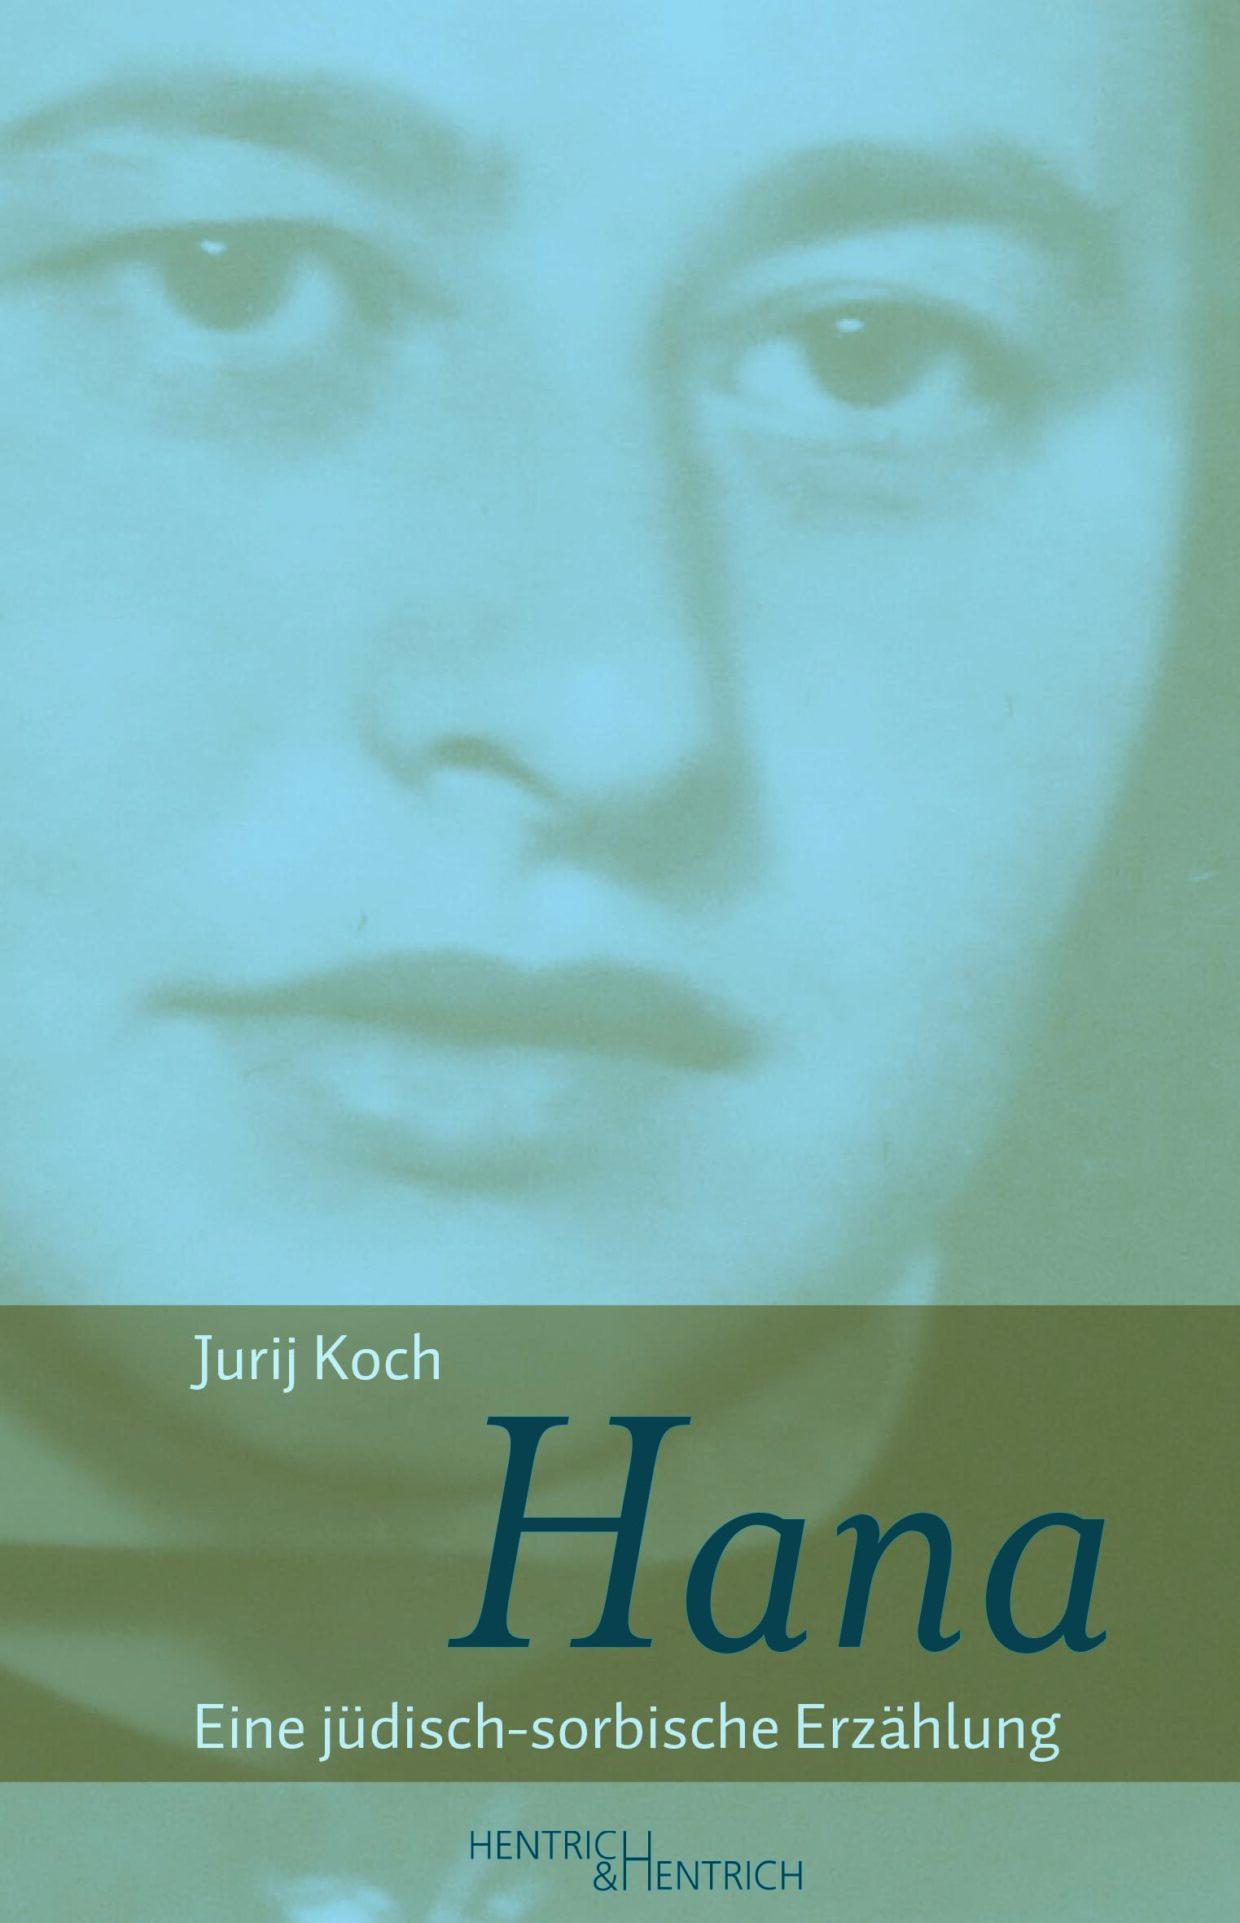 Jurij Koch: Hana